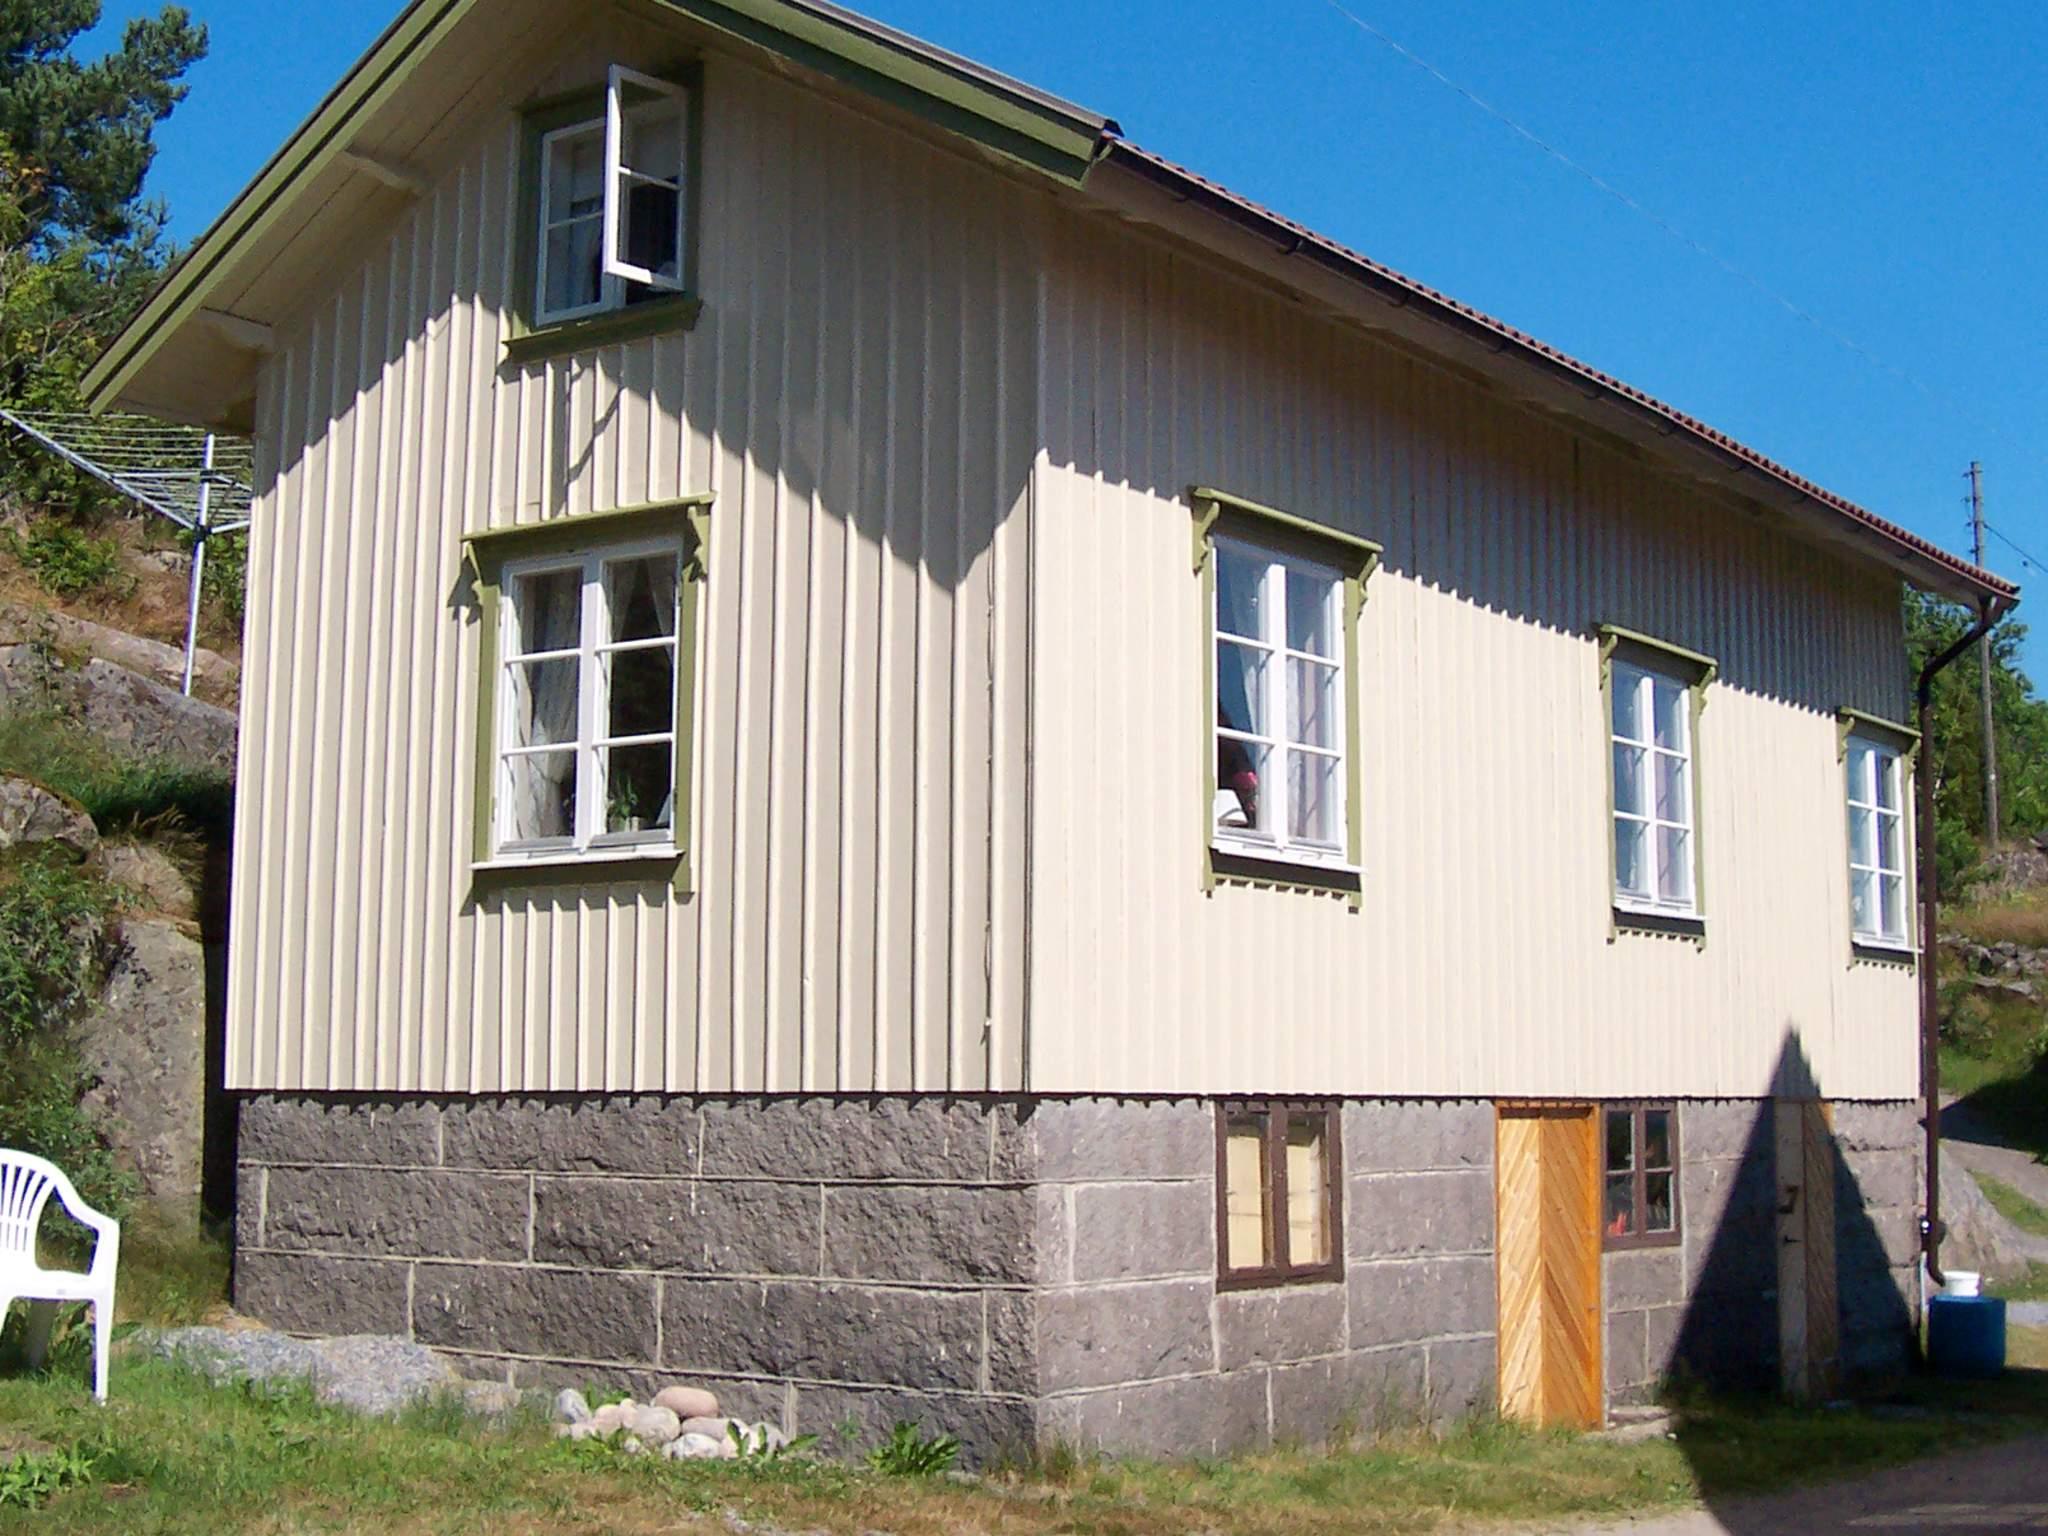 Ferienhaus Rished (124439), Kungshamn, Västra Götaland län, Westschweden, Schweden, Bild 8